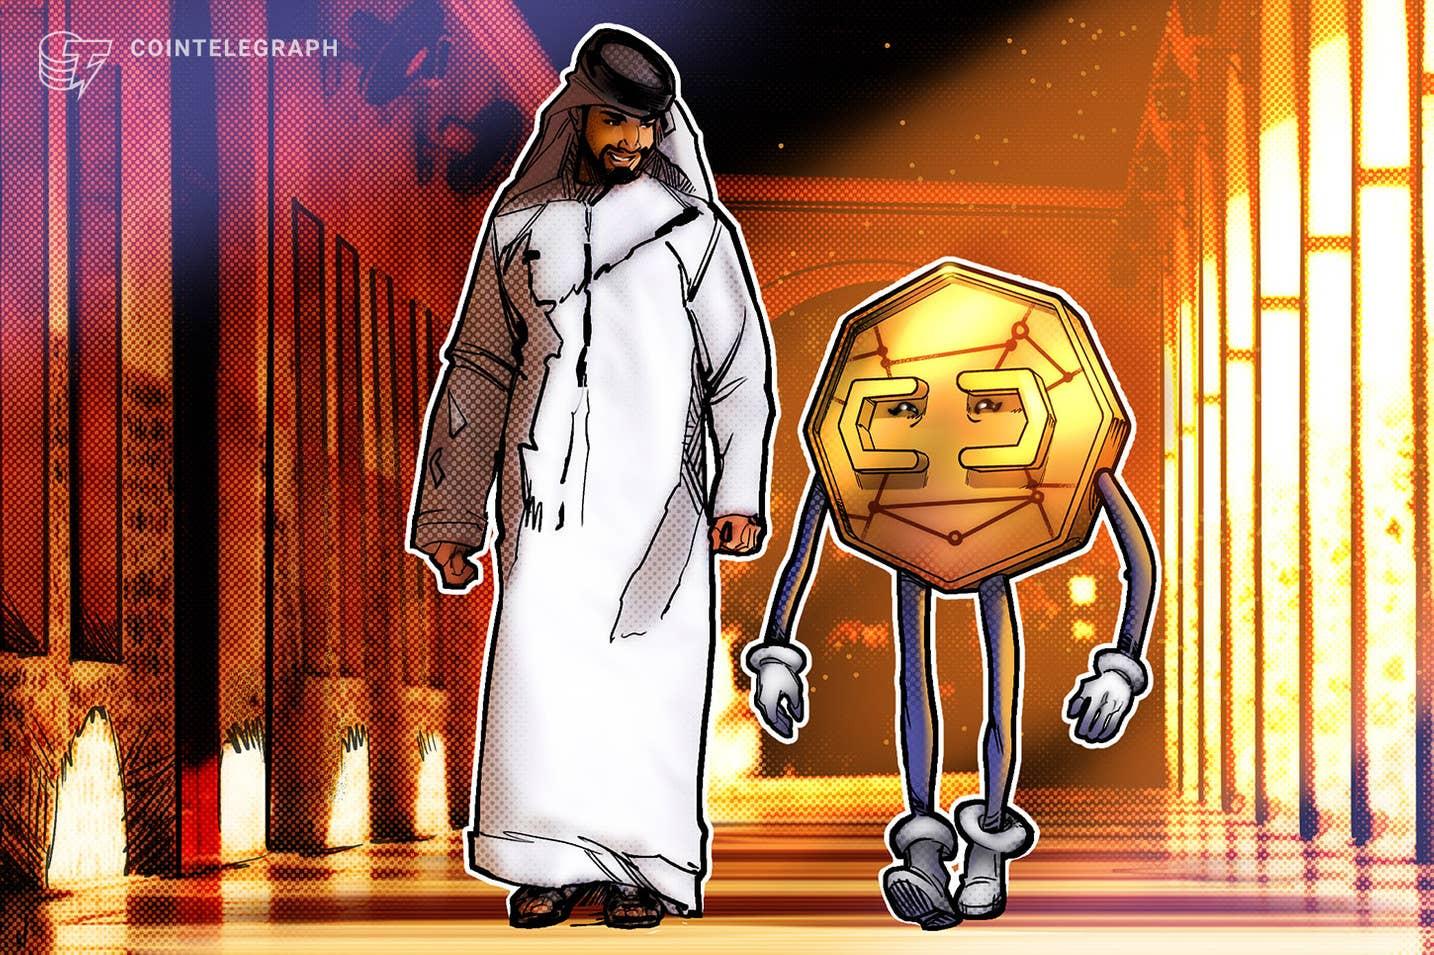 JAE reguliavimo institucijos patvirtina kriptovaliutų prekybą Dubajaus laisvojoje zonoje